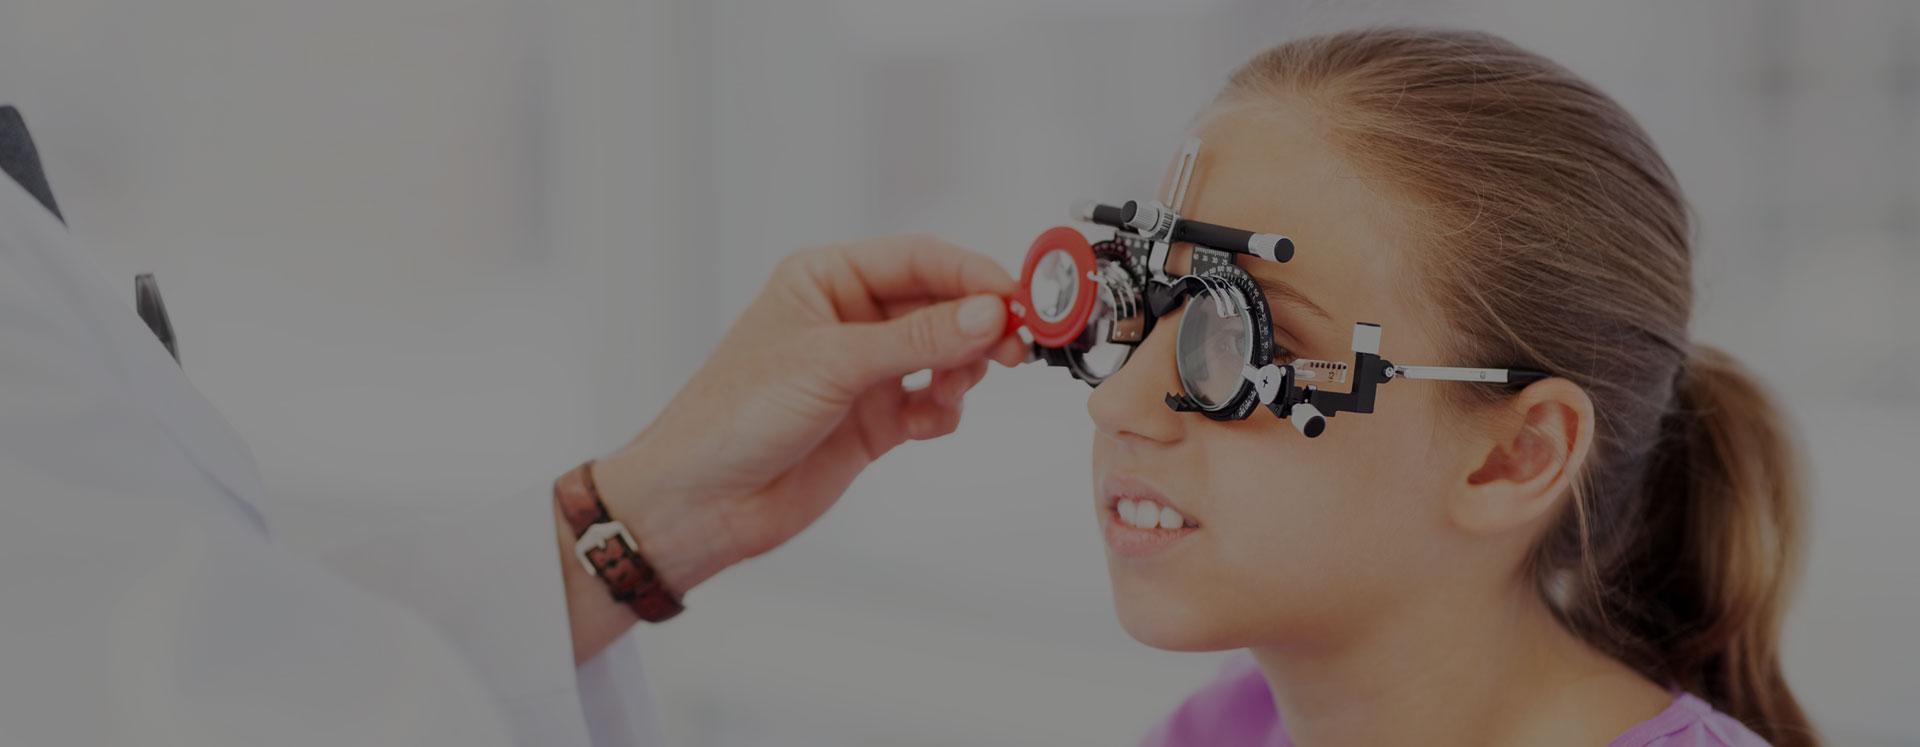 Eye Exam Young Girl